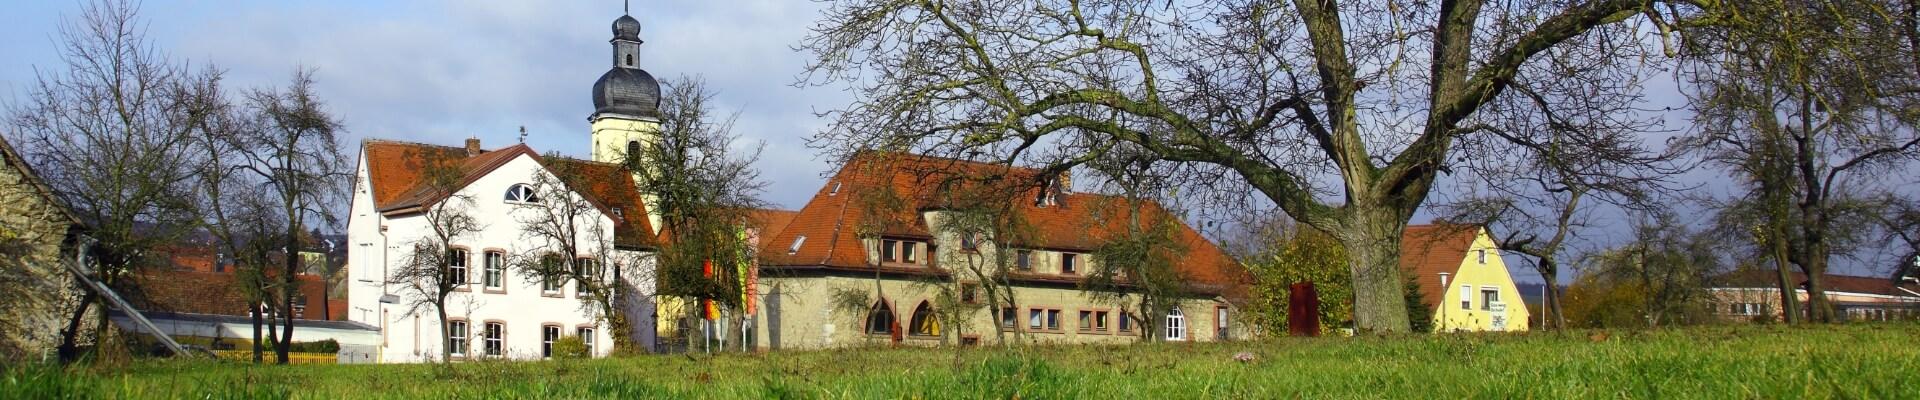 Kleinrinderfeld: Rathaus Hero